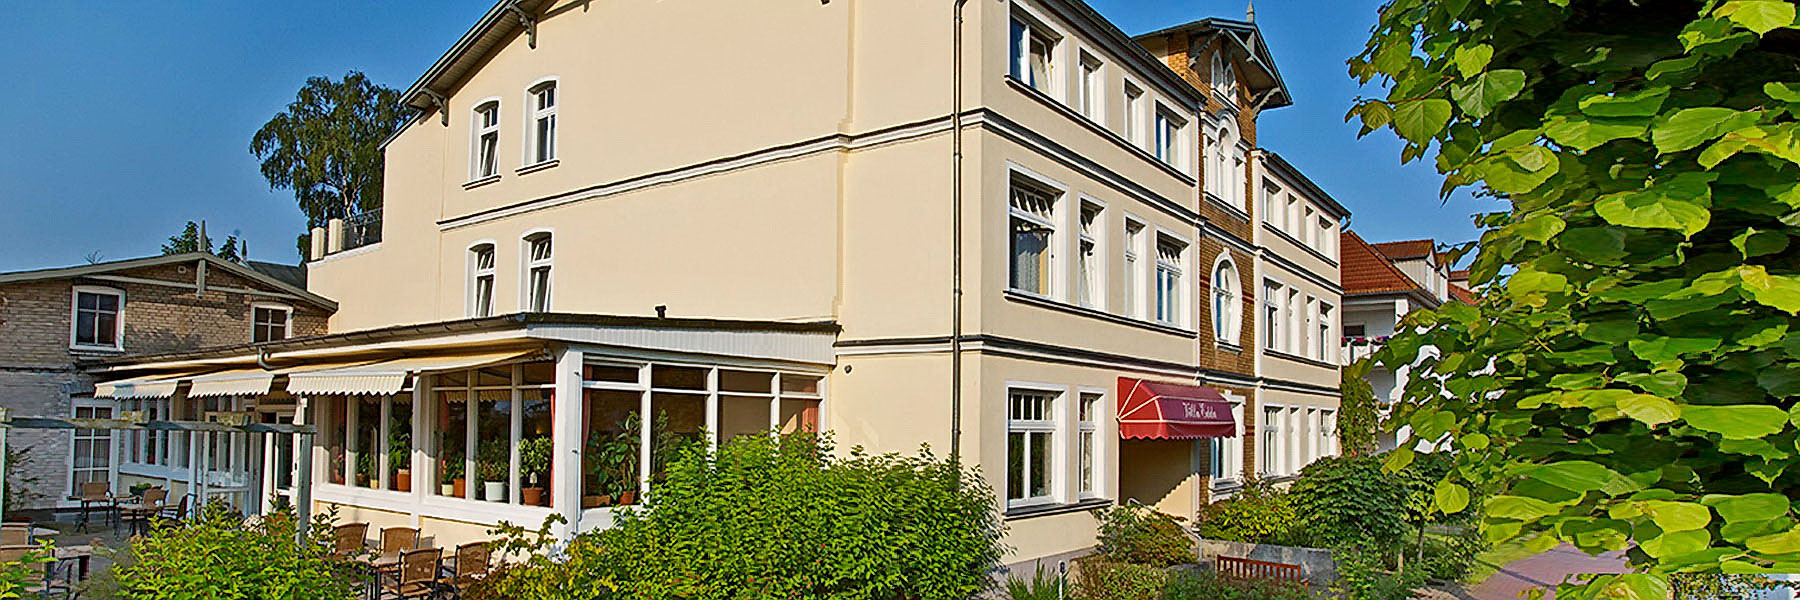 Terrasse und Wintergarten - Villa Edda (Hotel Garni - Ferienwohnungen - Appartements)